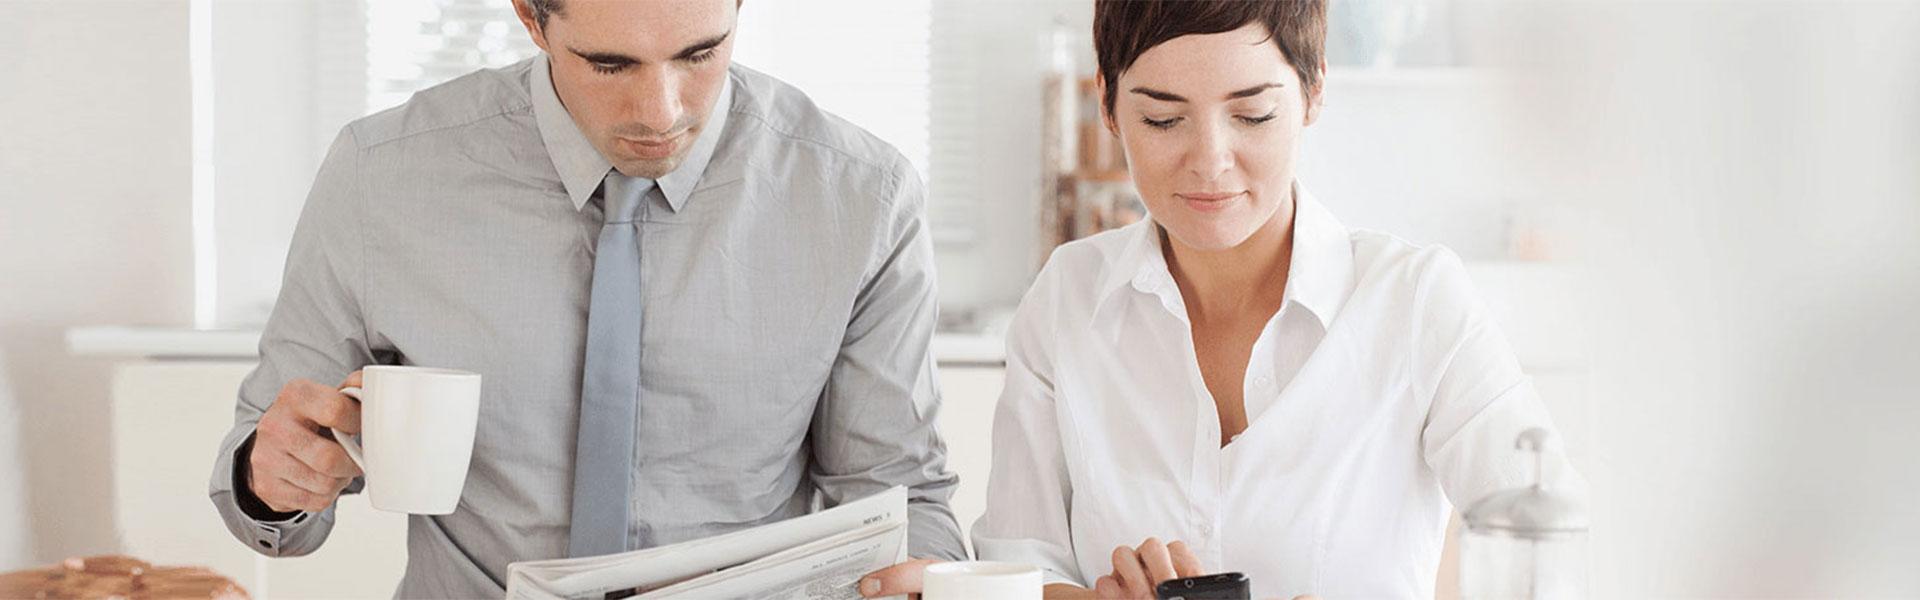 Header Bild Top-Angebote für Berufstätige